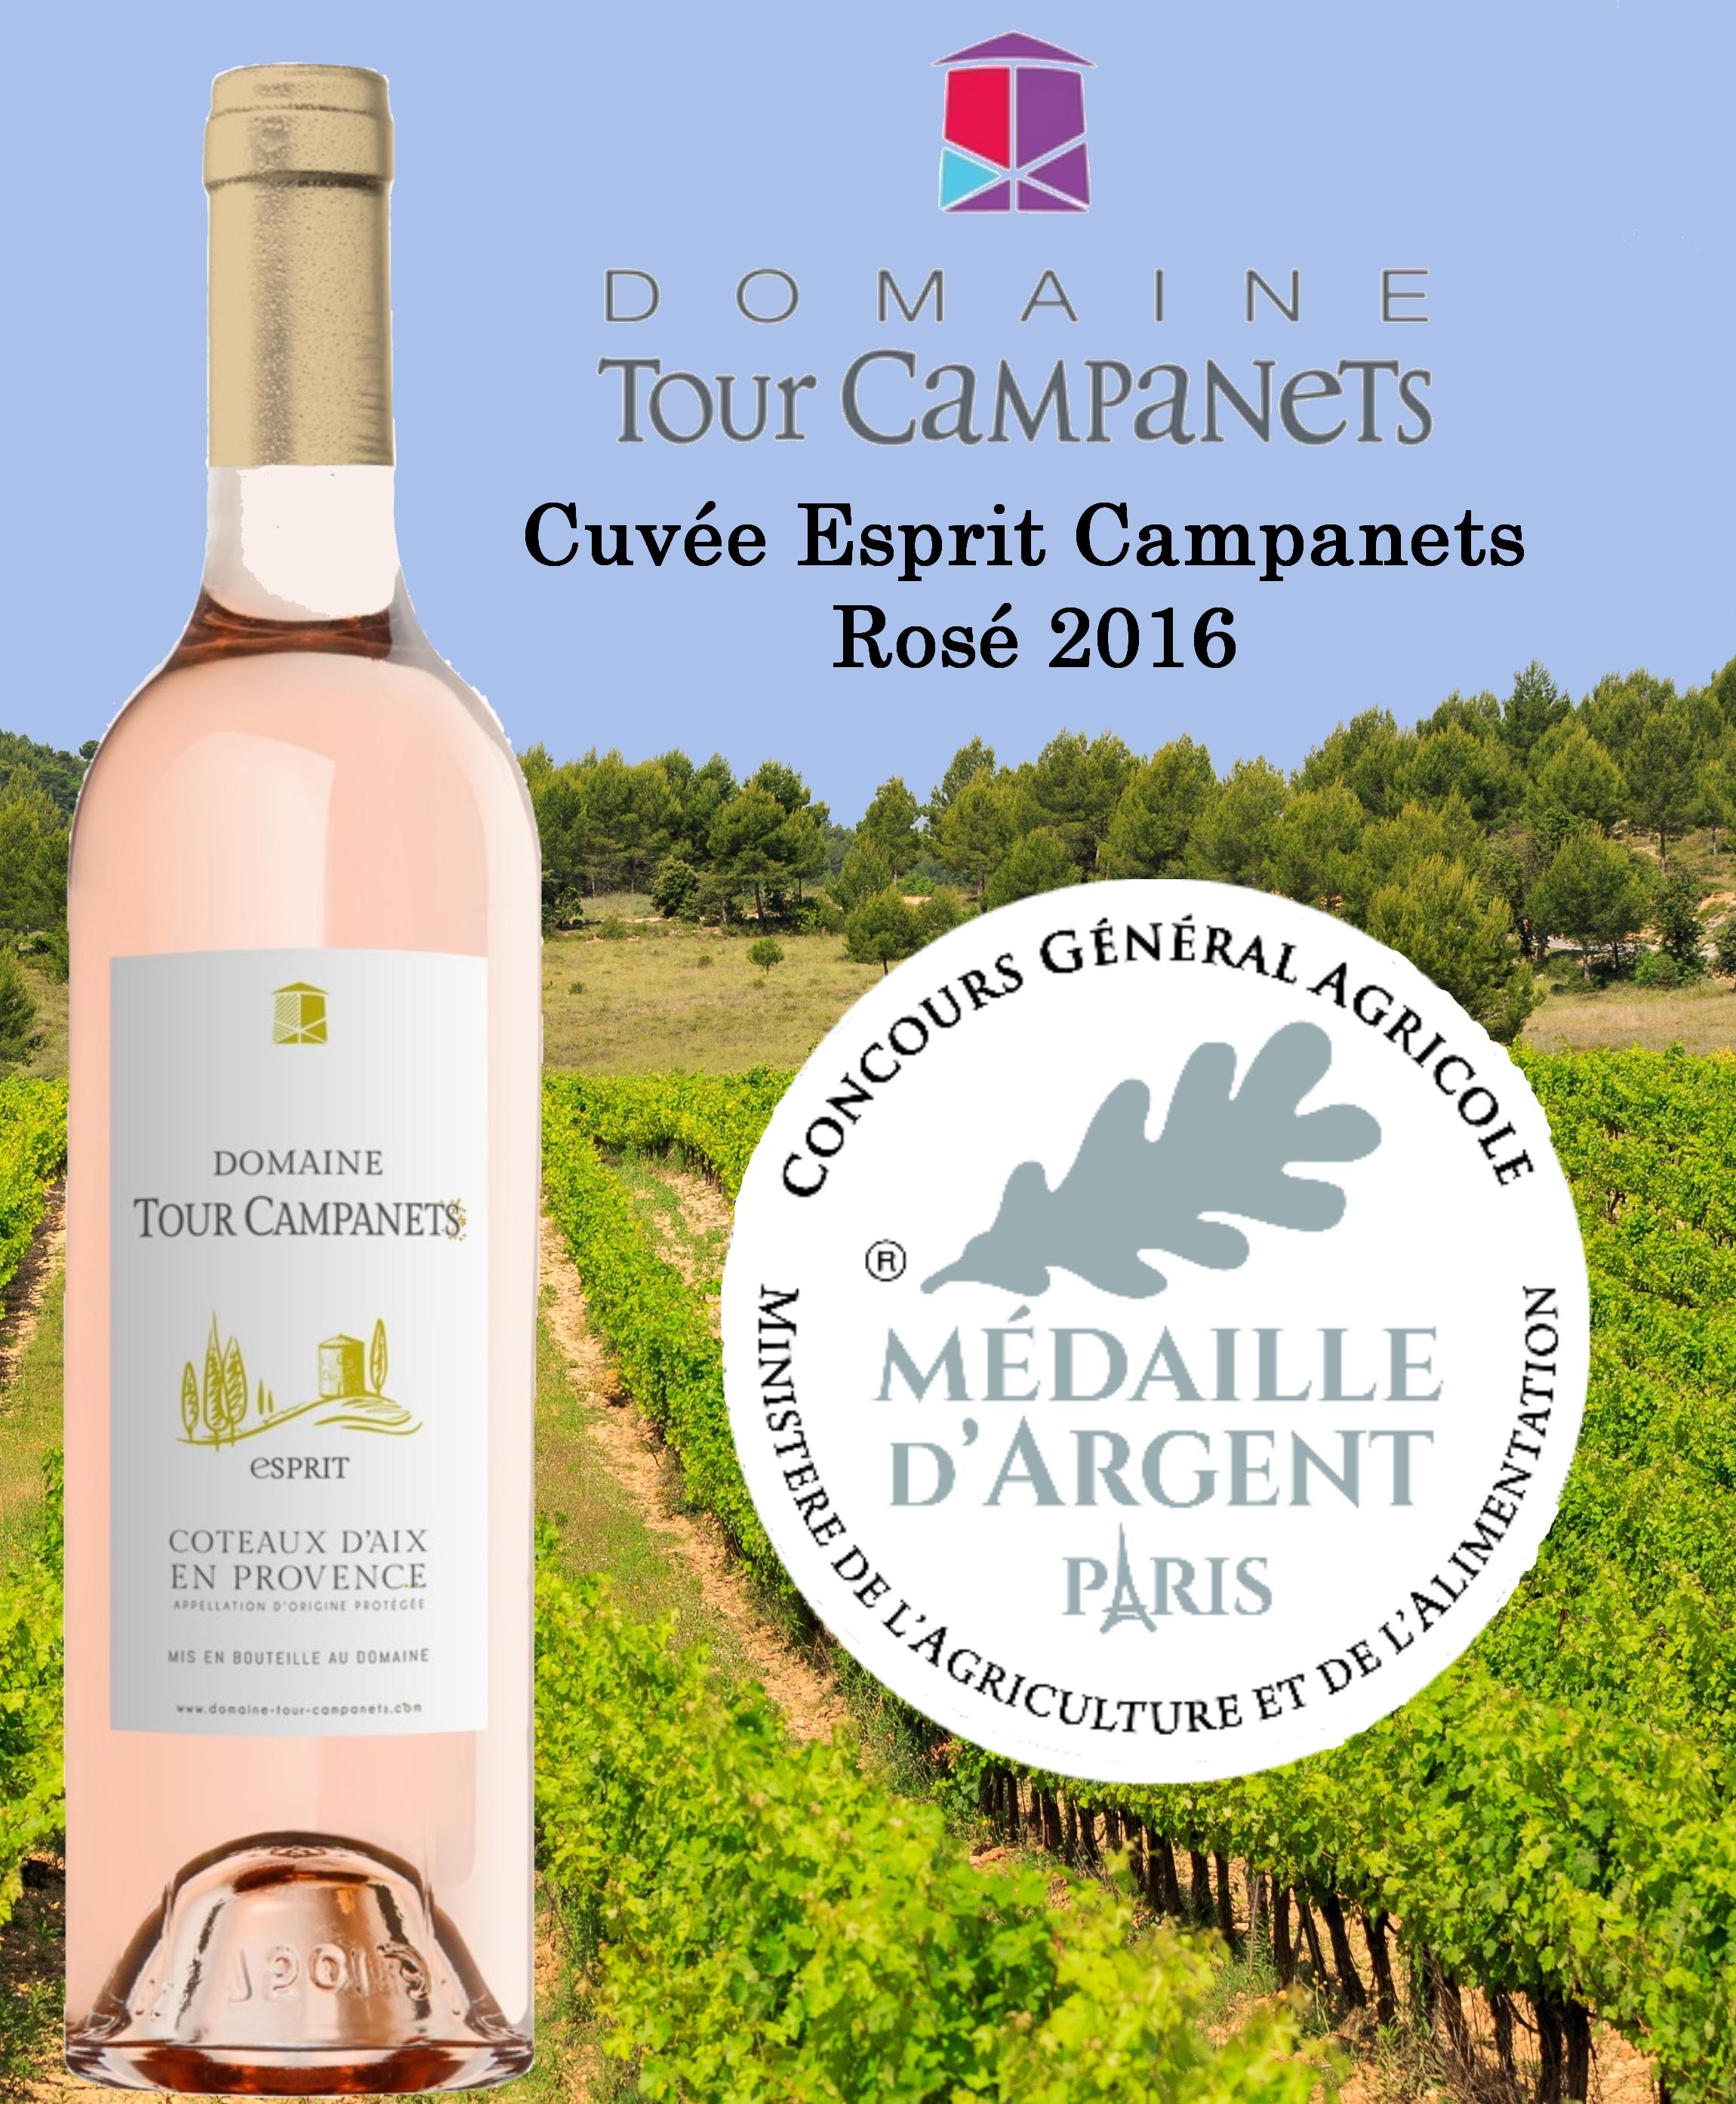 Notre cuvée Esprit Campanets médaillée au Concours Général Agricole de Paris !